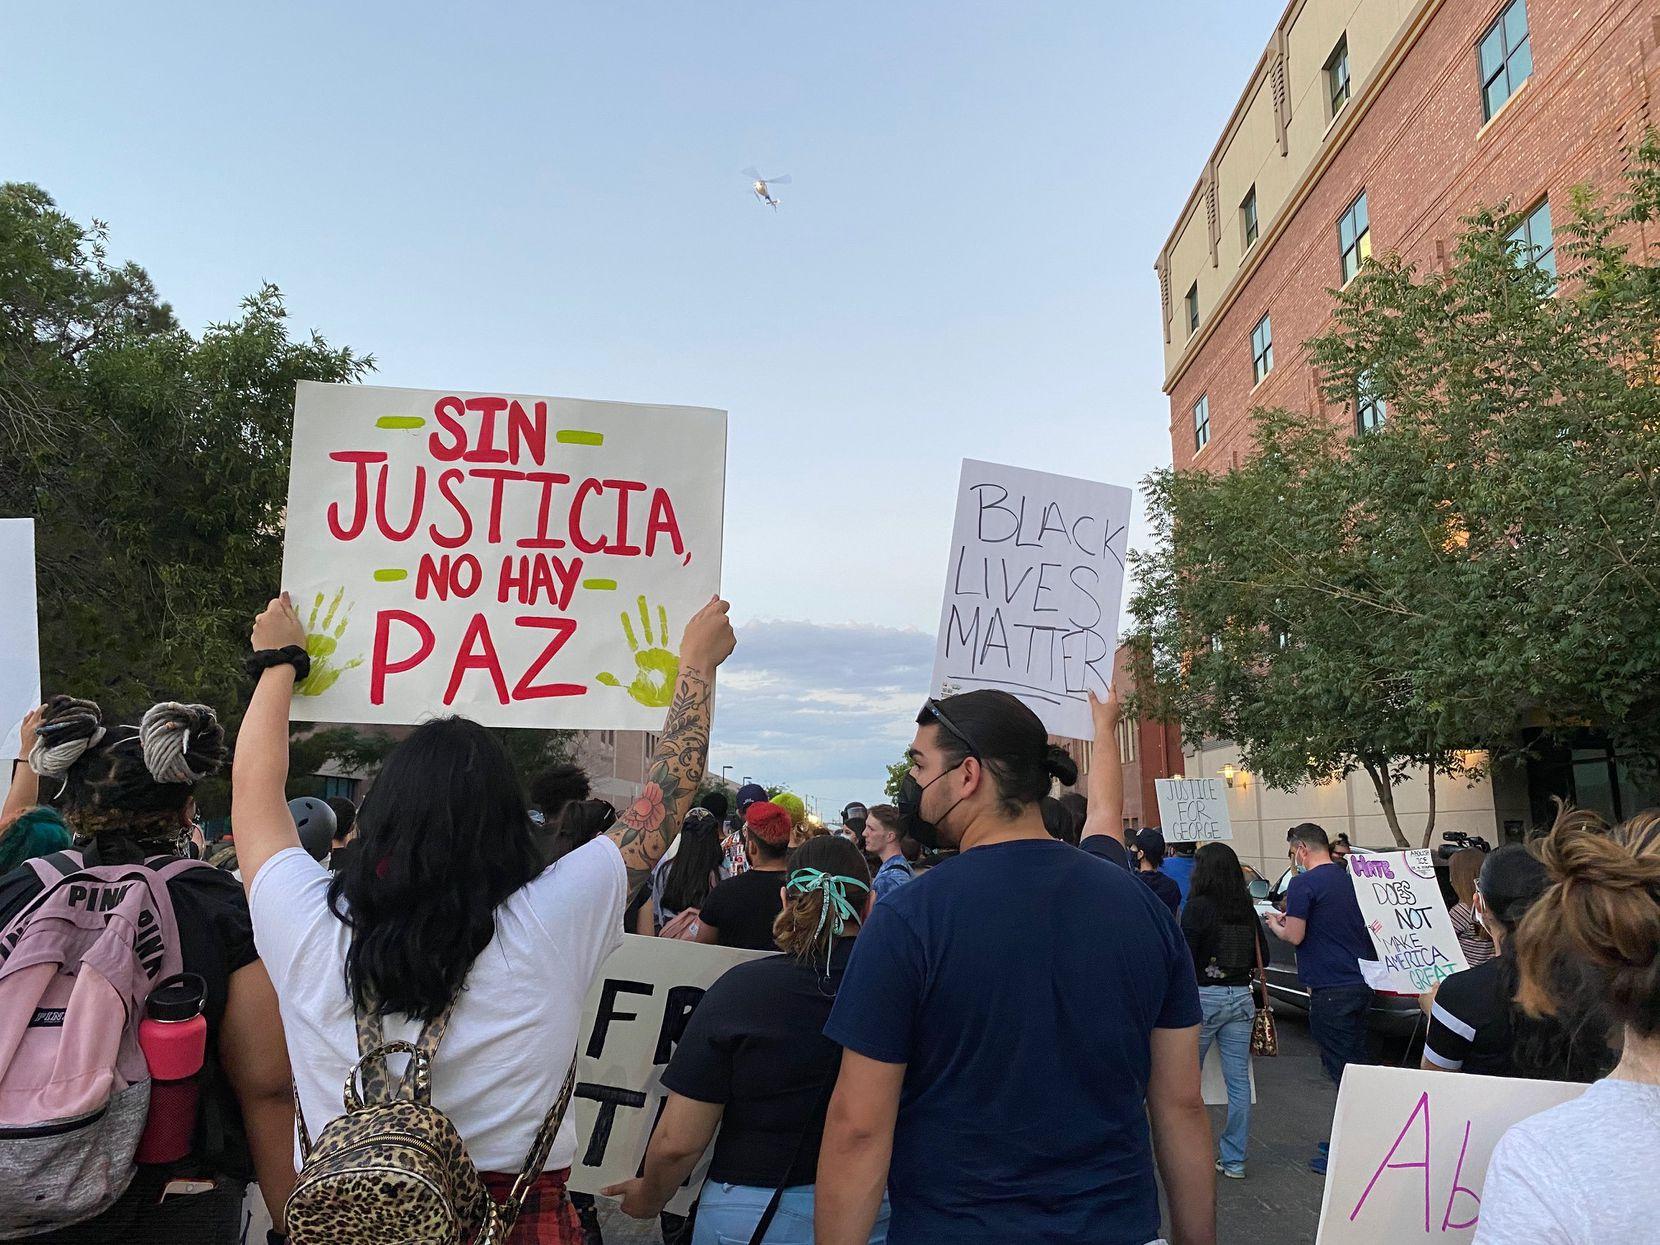 Más de 150 manifestantes pacíficos en El Paso se presentaron el 2 de junio para condenar el asesinato de George Floyd a más de mil millas de distancia, llamando la atención sobre injusticias paralelas en la frontera.